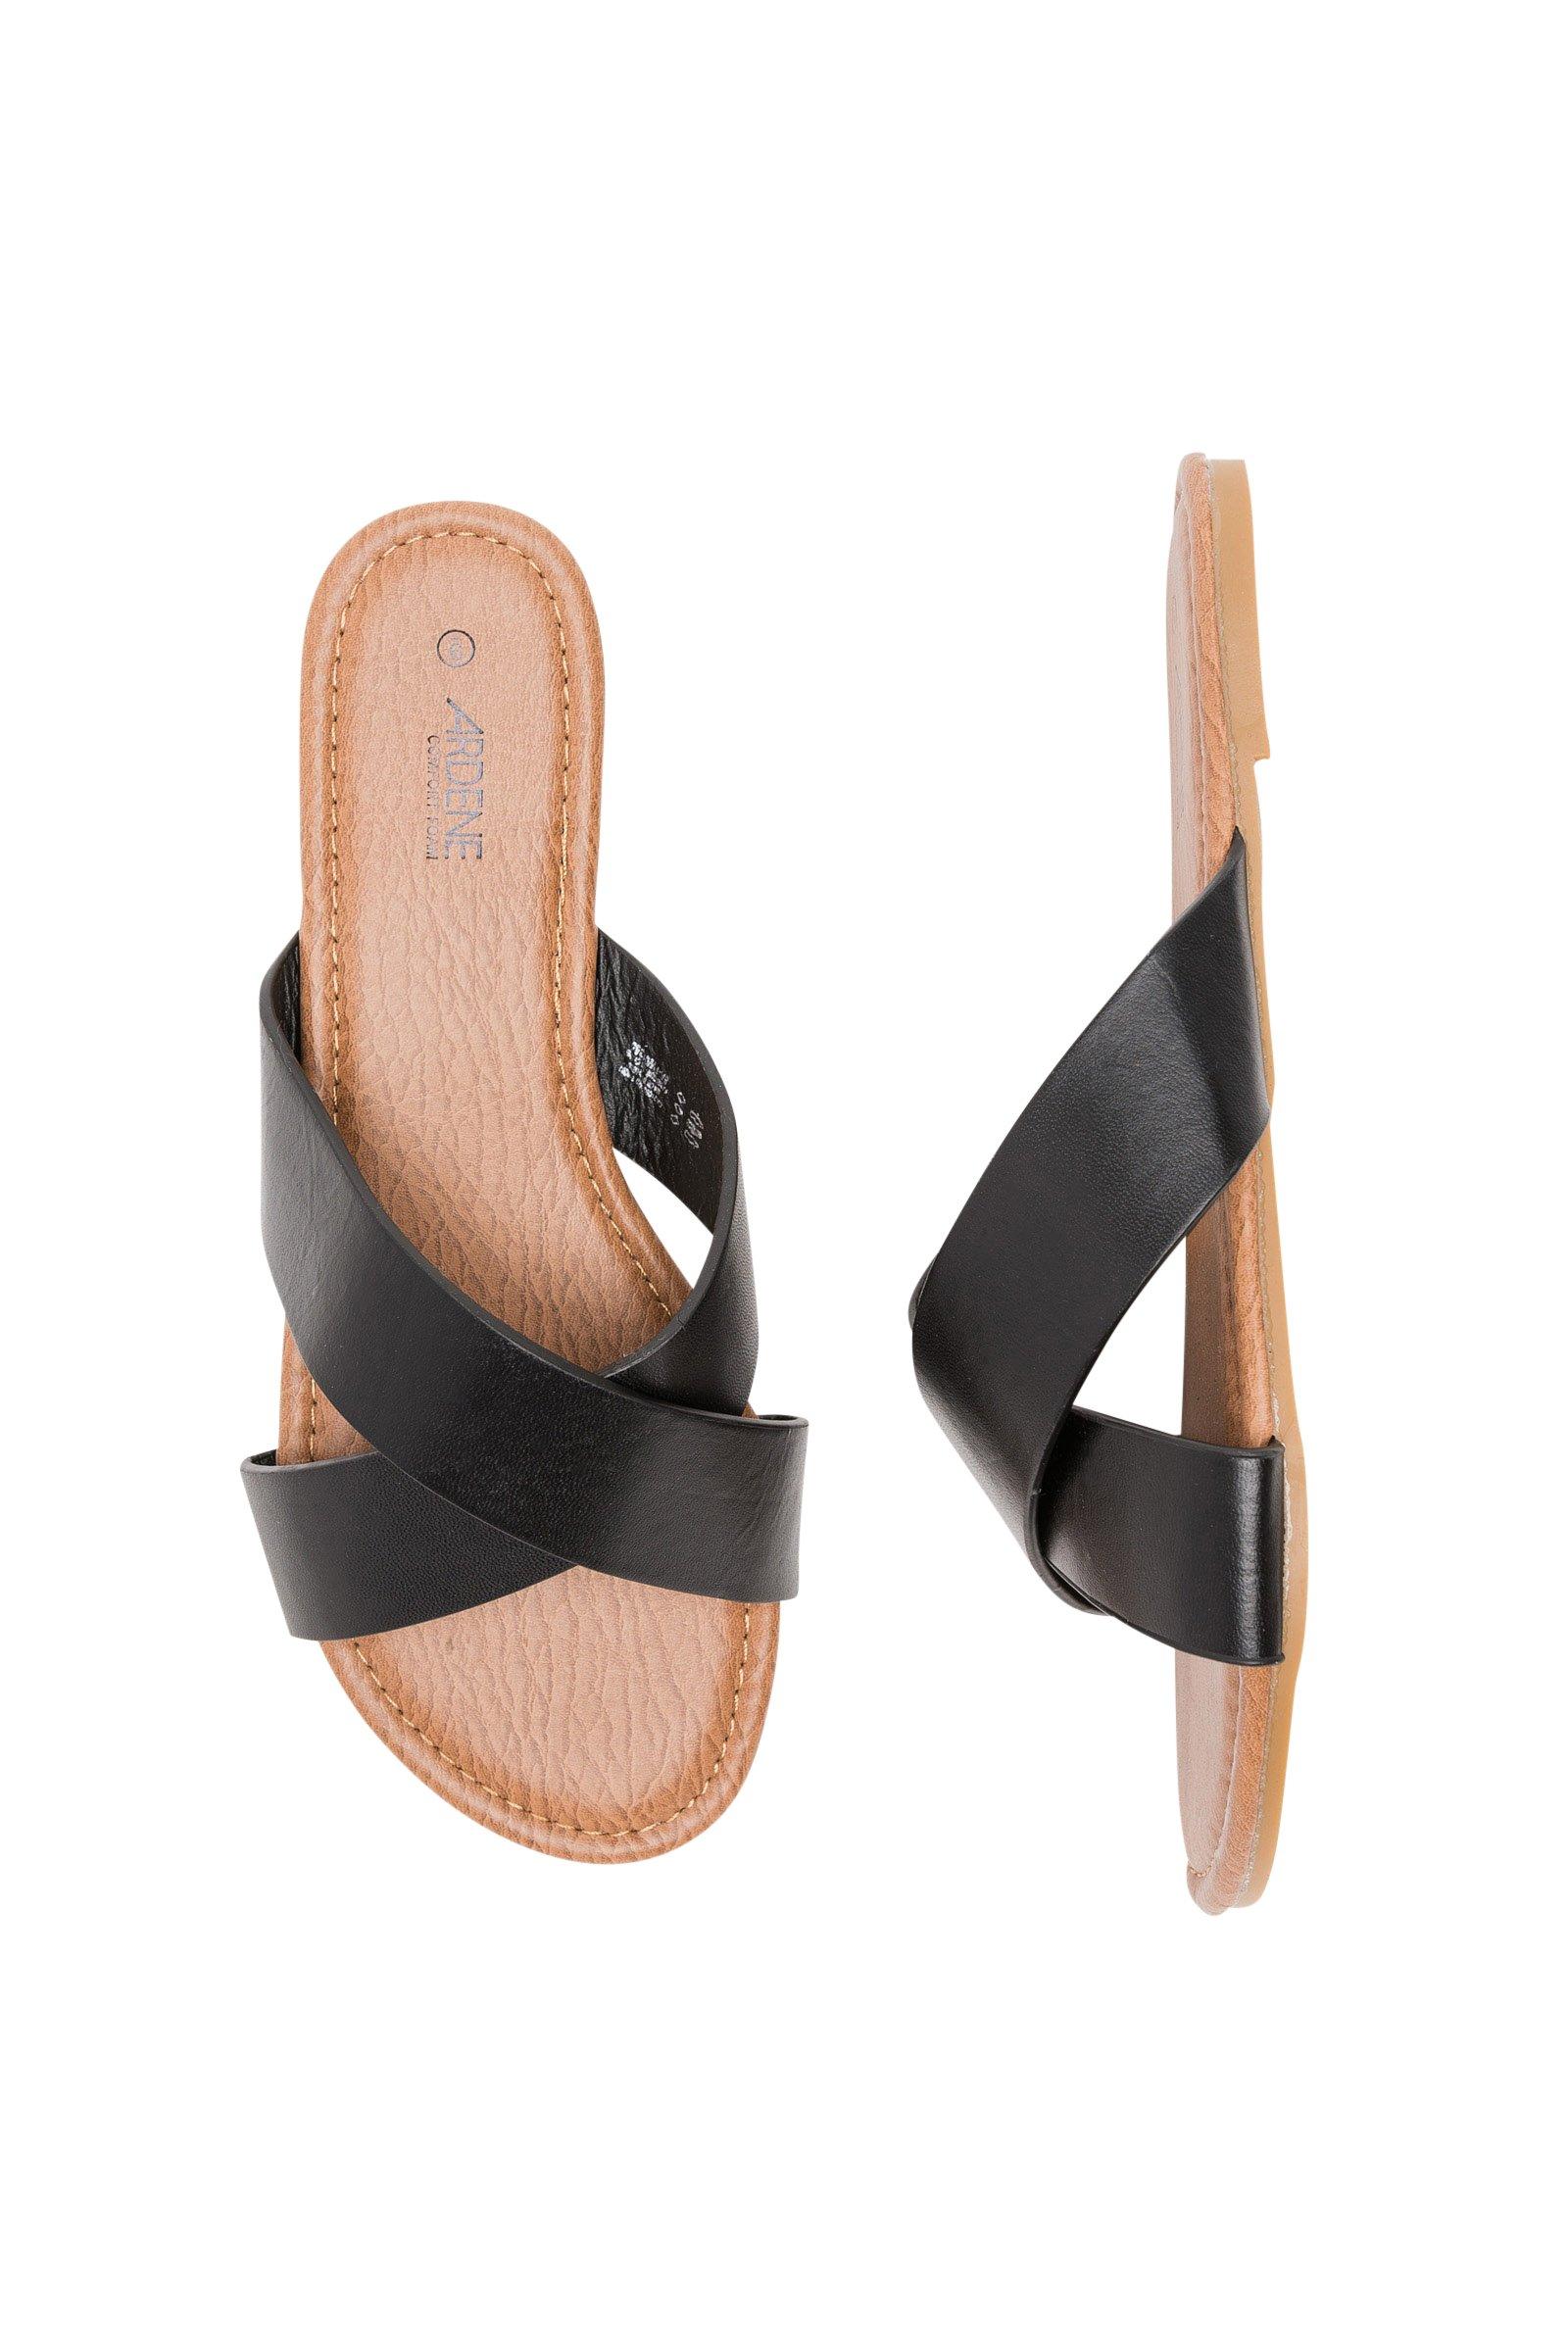 Ardene - Women's - Slides - Crossed Slides 7 -(8A-FW01355)